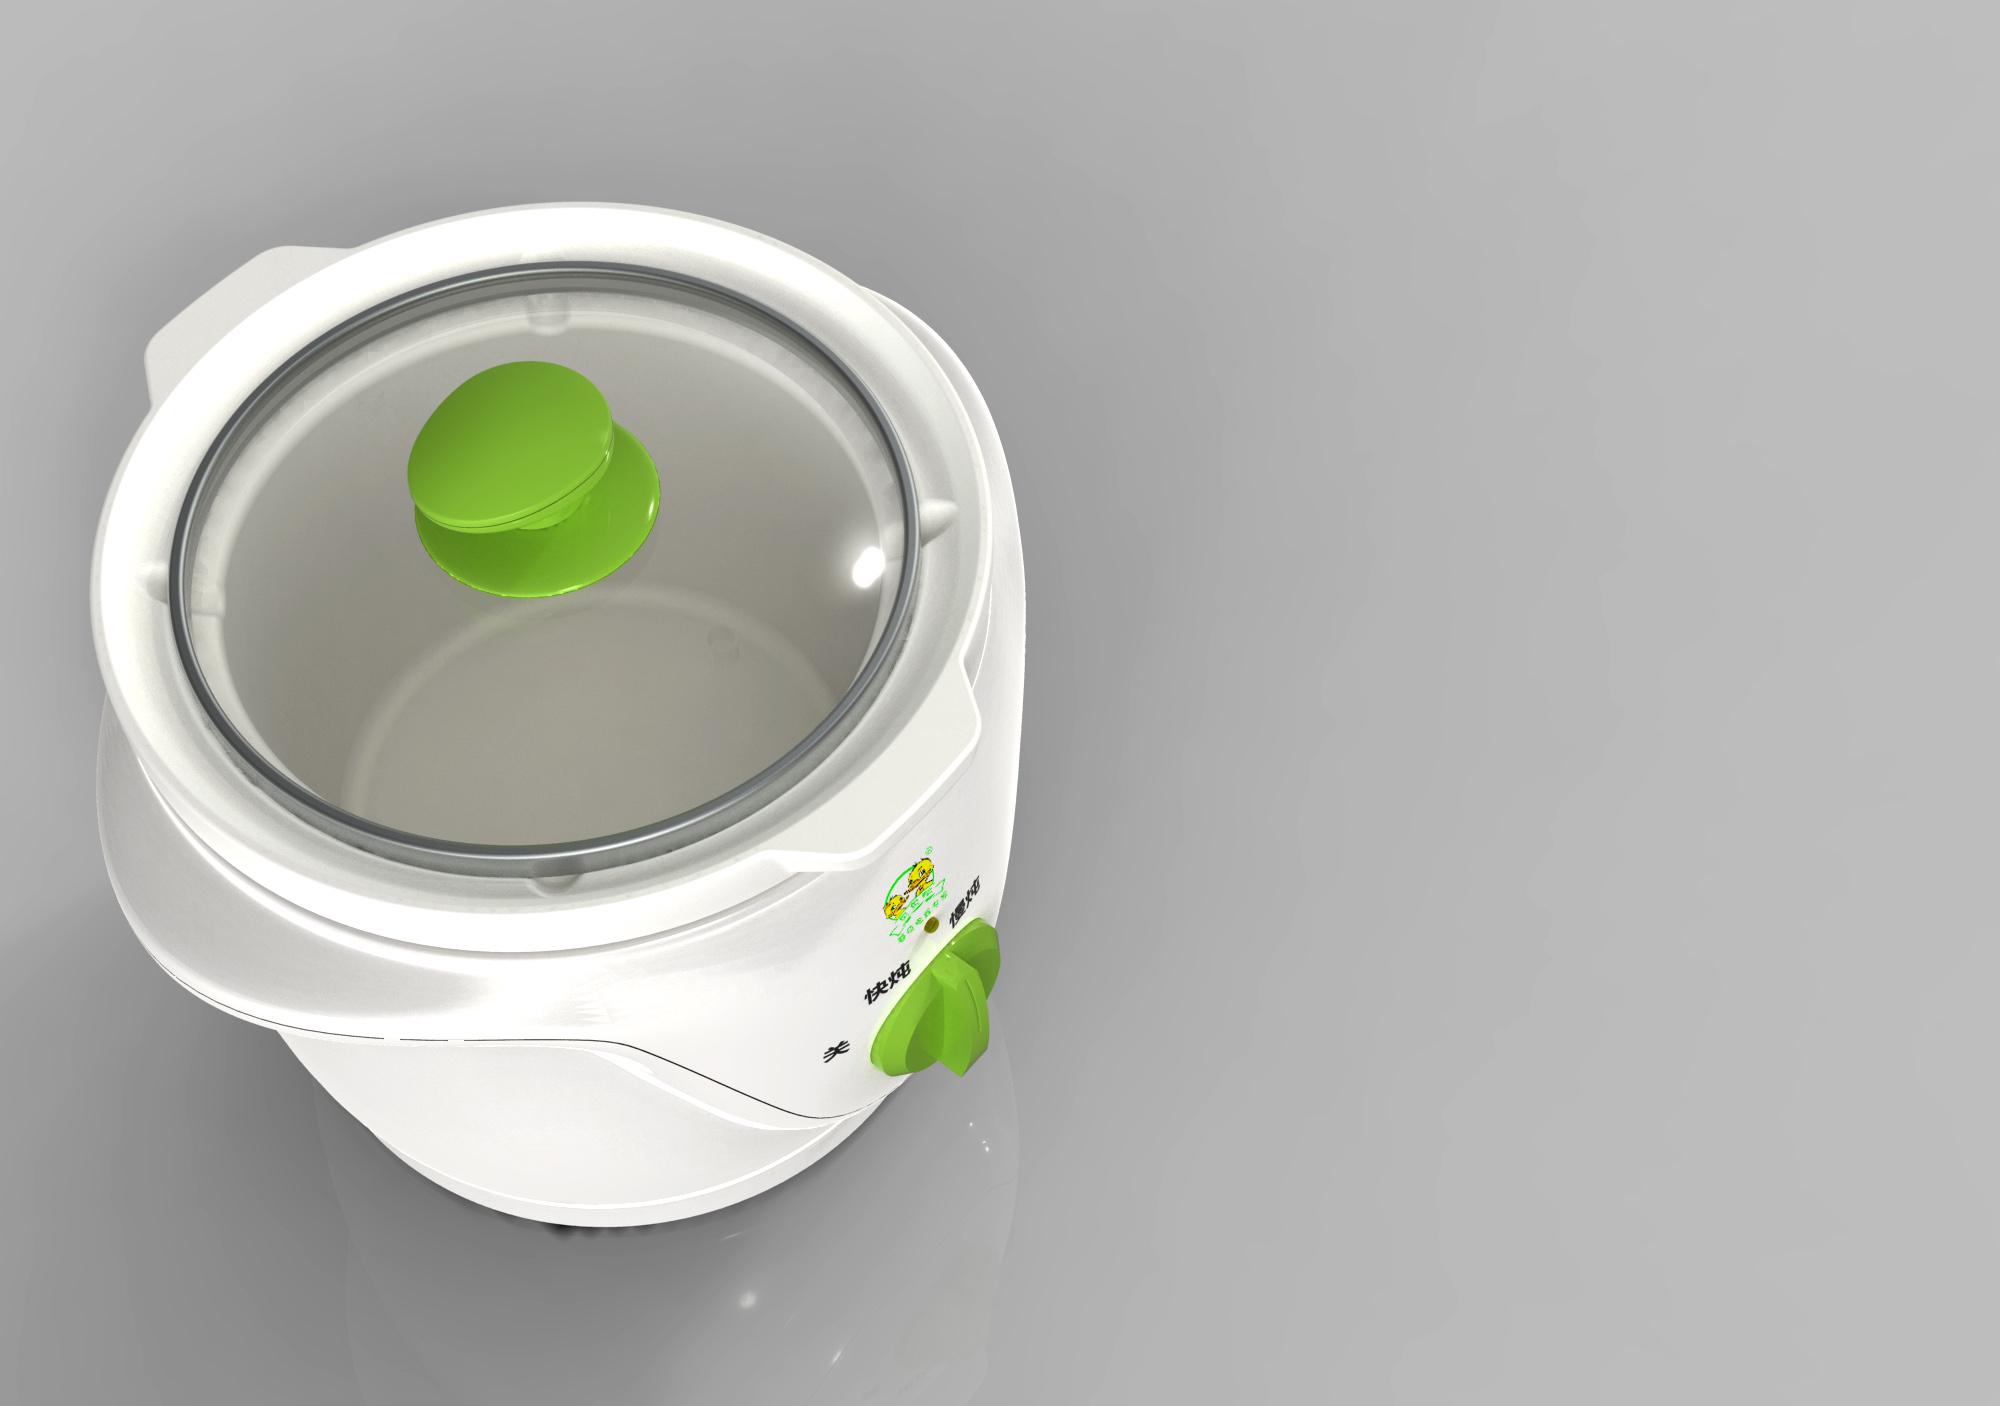 儿童煲粥锅2_产品设计-来设计